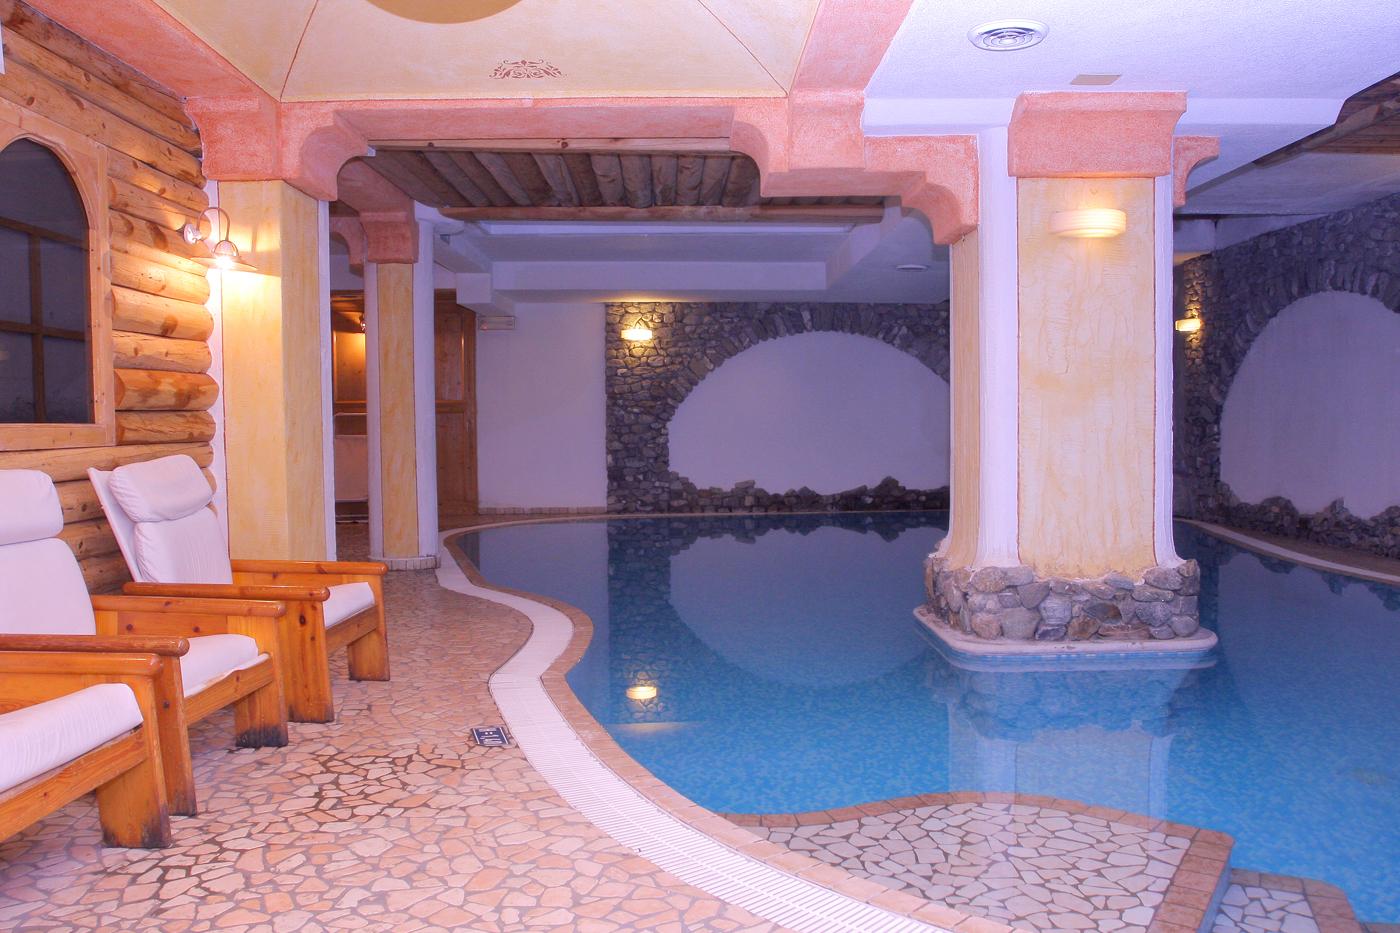 Schwimmbad Hotel Helvetia Livigno www.avant-ski.de